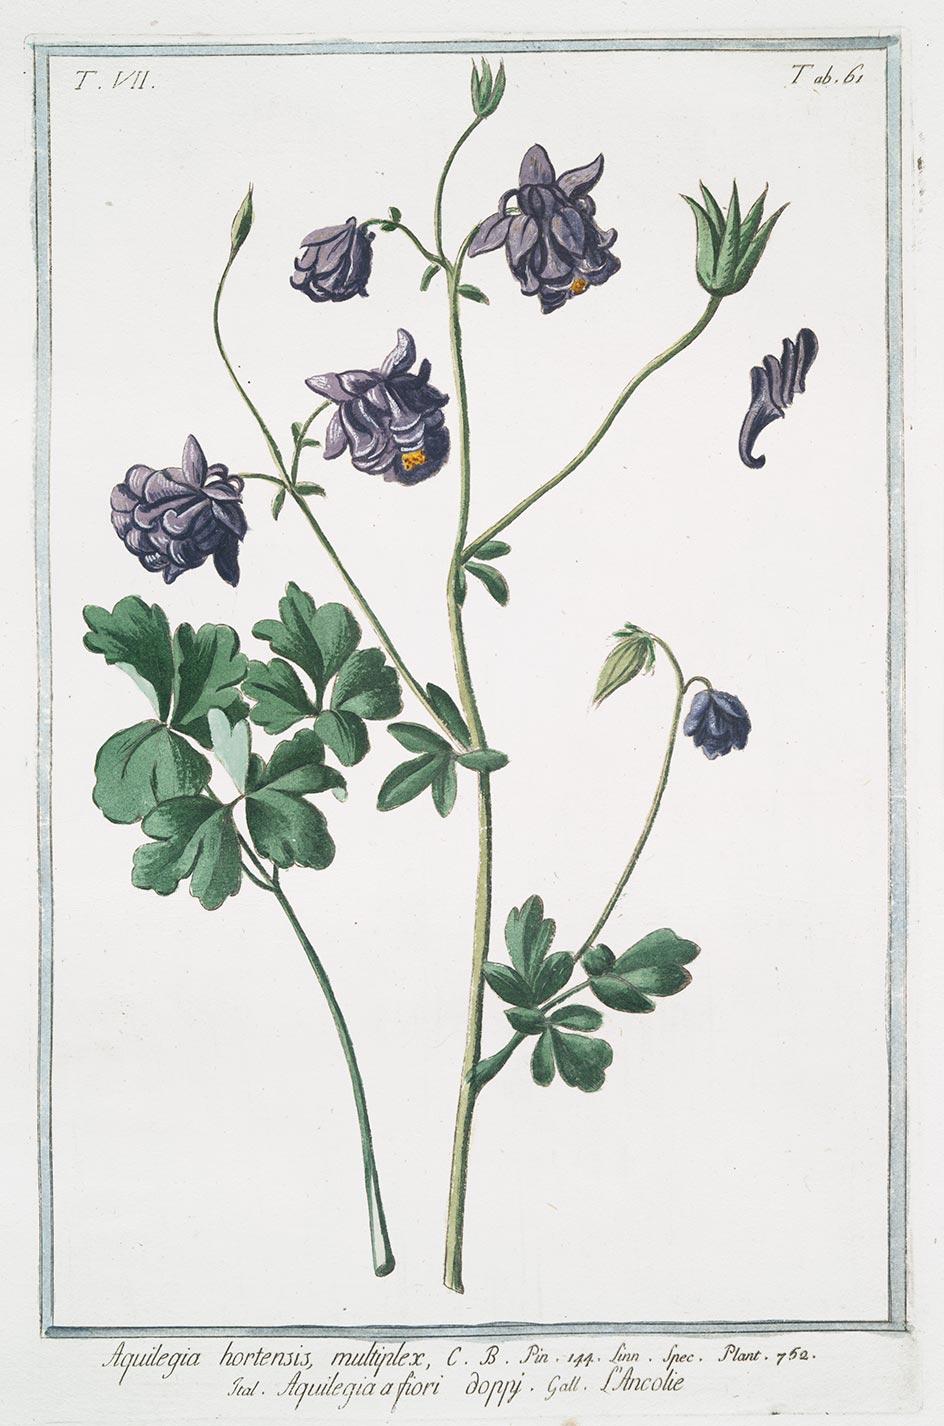 Planche botanique Aquilegia hortensis